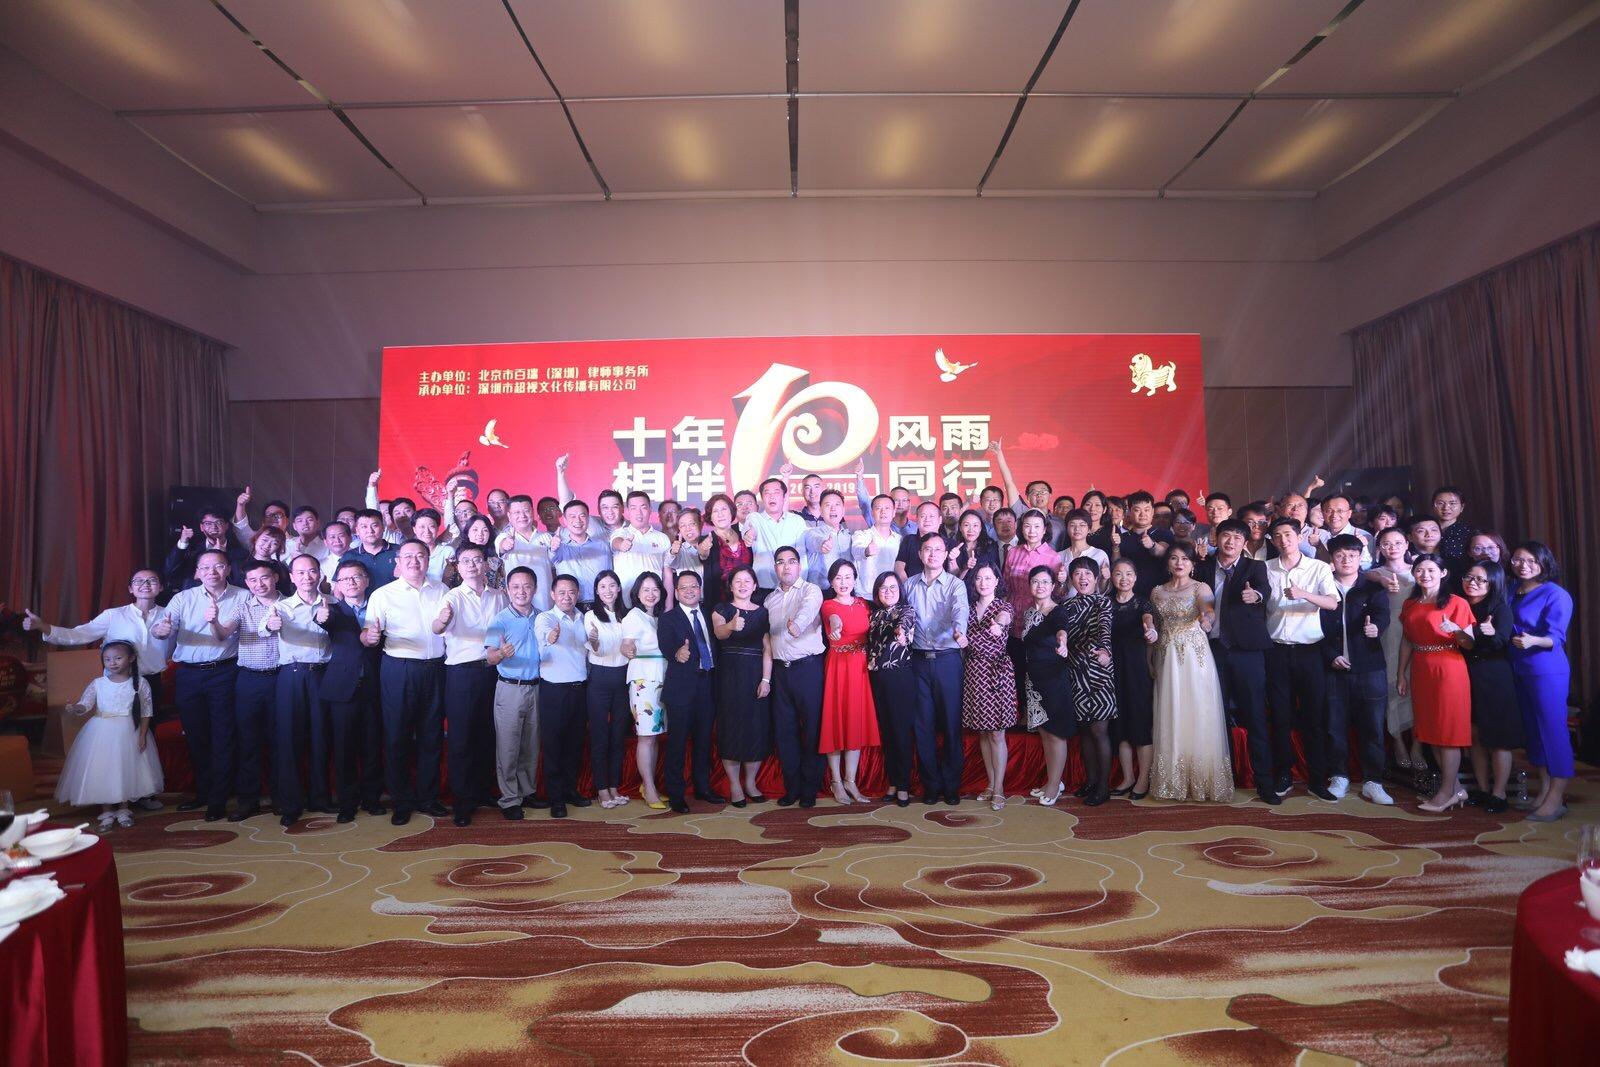 【百瑞喜讯】北京市百瑞(深圳)律师事务所10周年庆典隆重举行